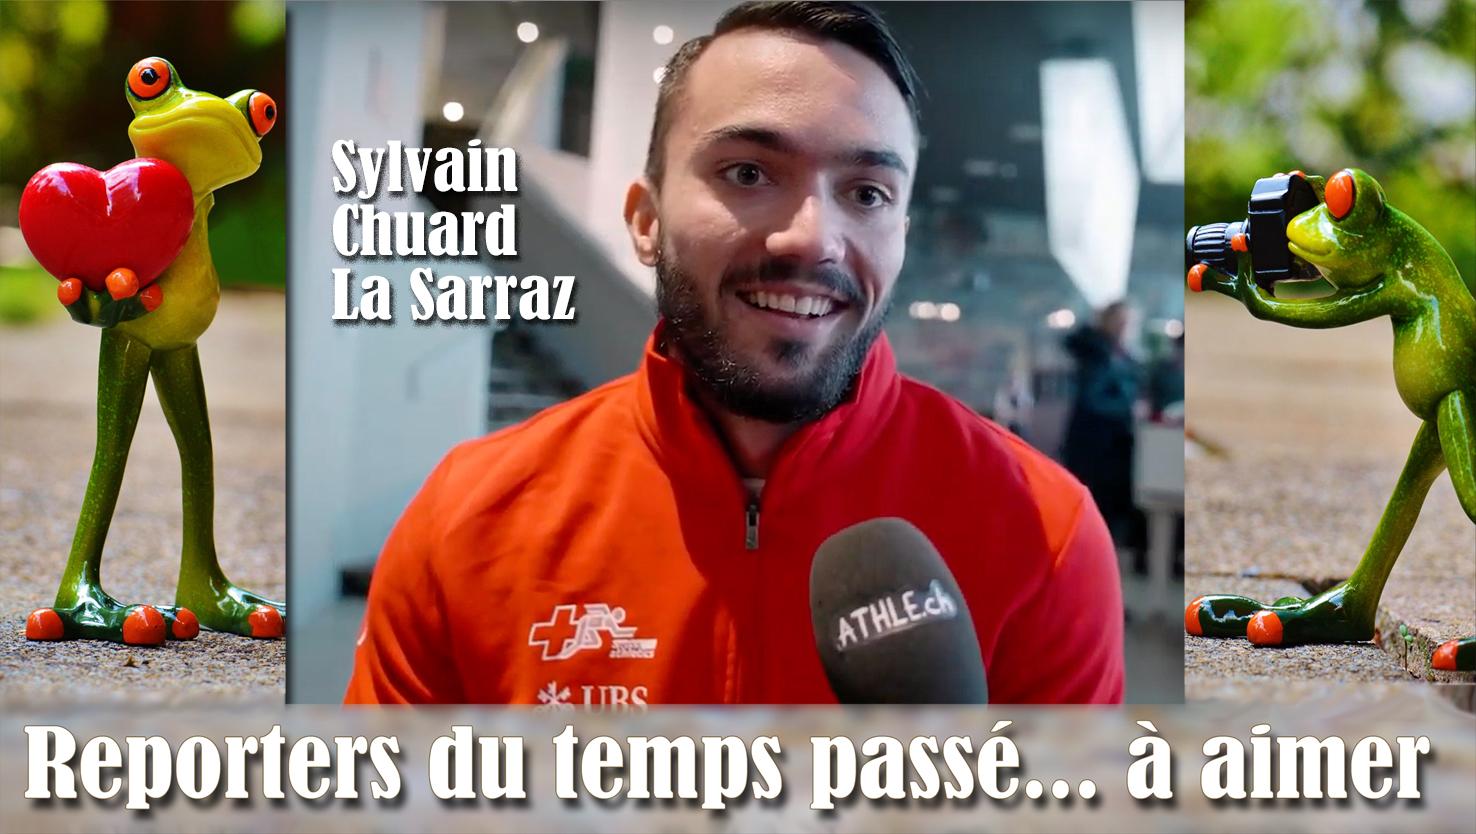 «Le jour où j'ai obtenu le chrono pour participer à mes premiers championnats d'Europe d'athlétisme en élite»